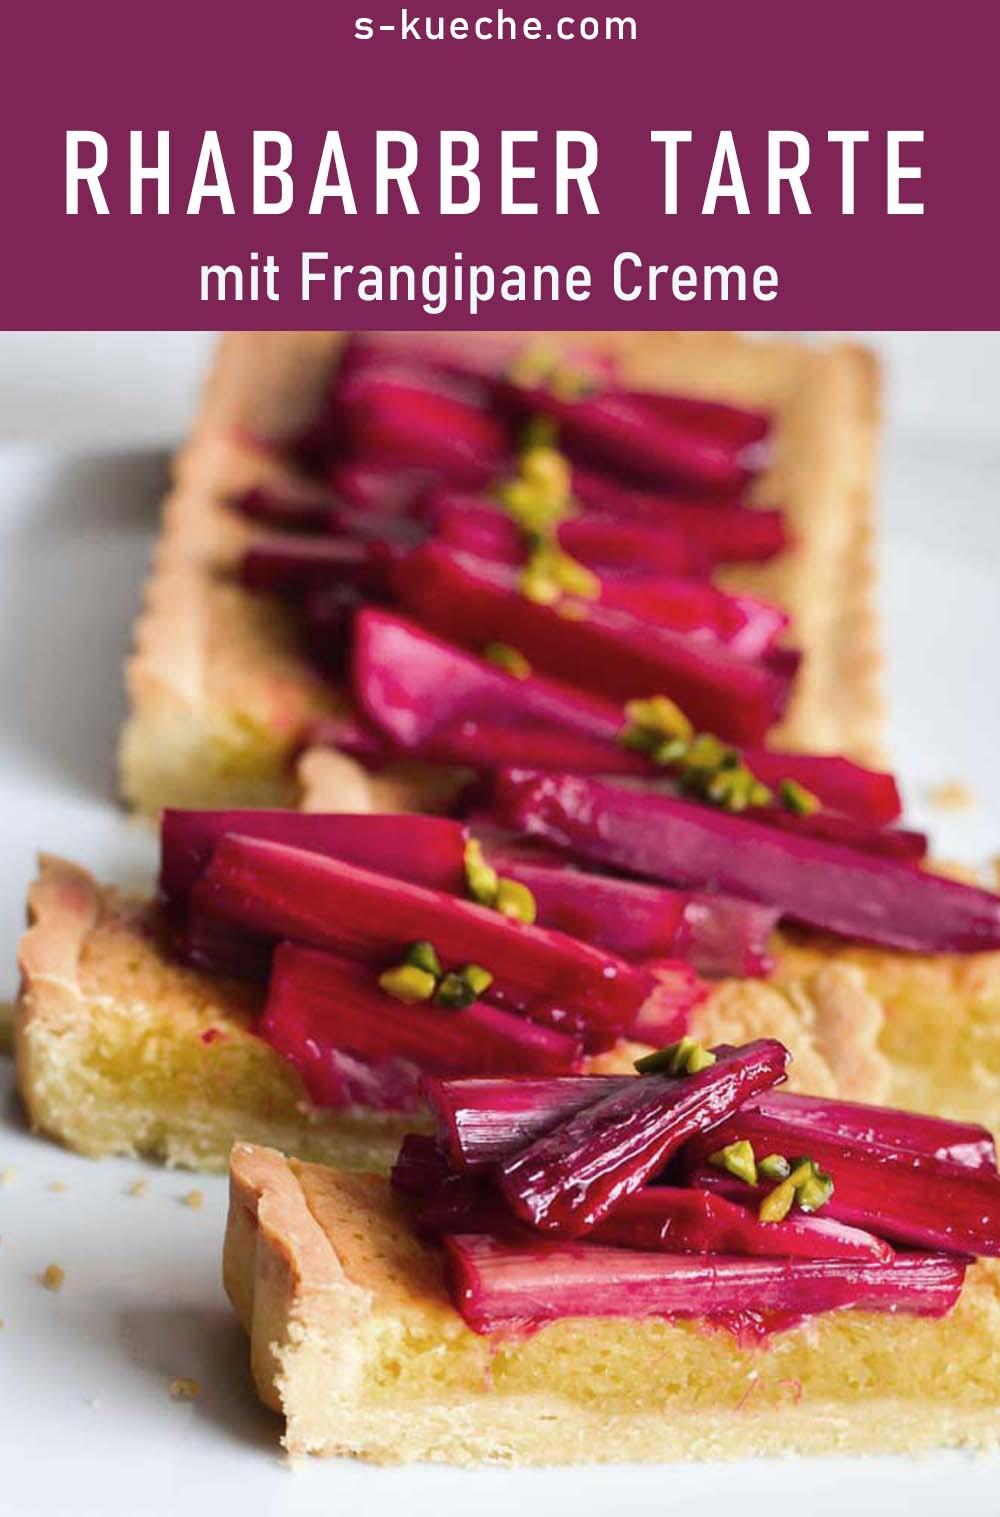 Rhabarber-Frangipane Tarte mit Granatapfel Sirup und Pistazien, Rezept für eine Frühlings Tarte mit Mandelcreme